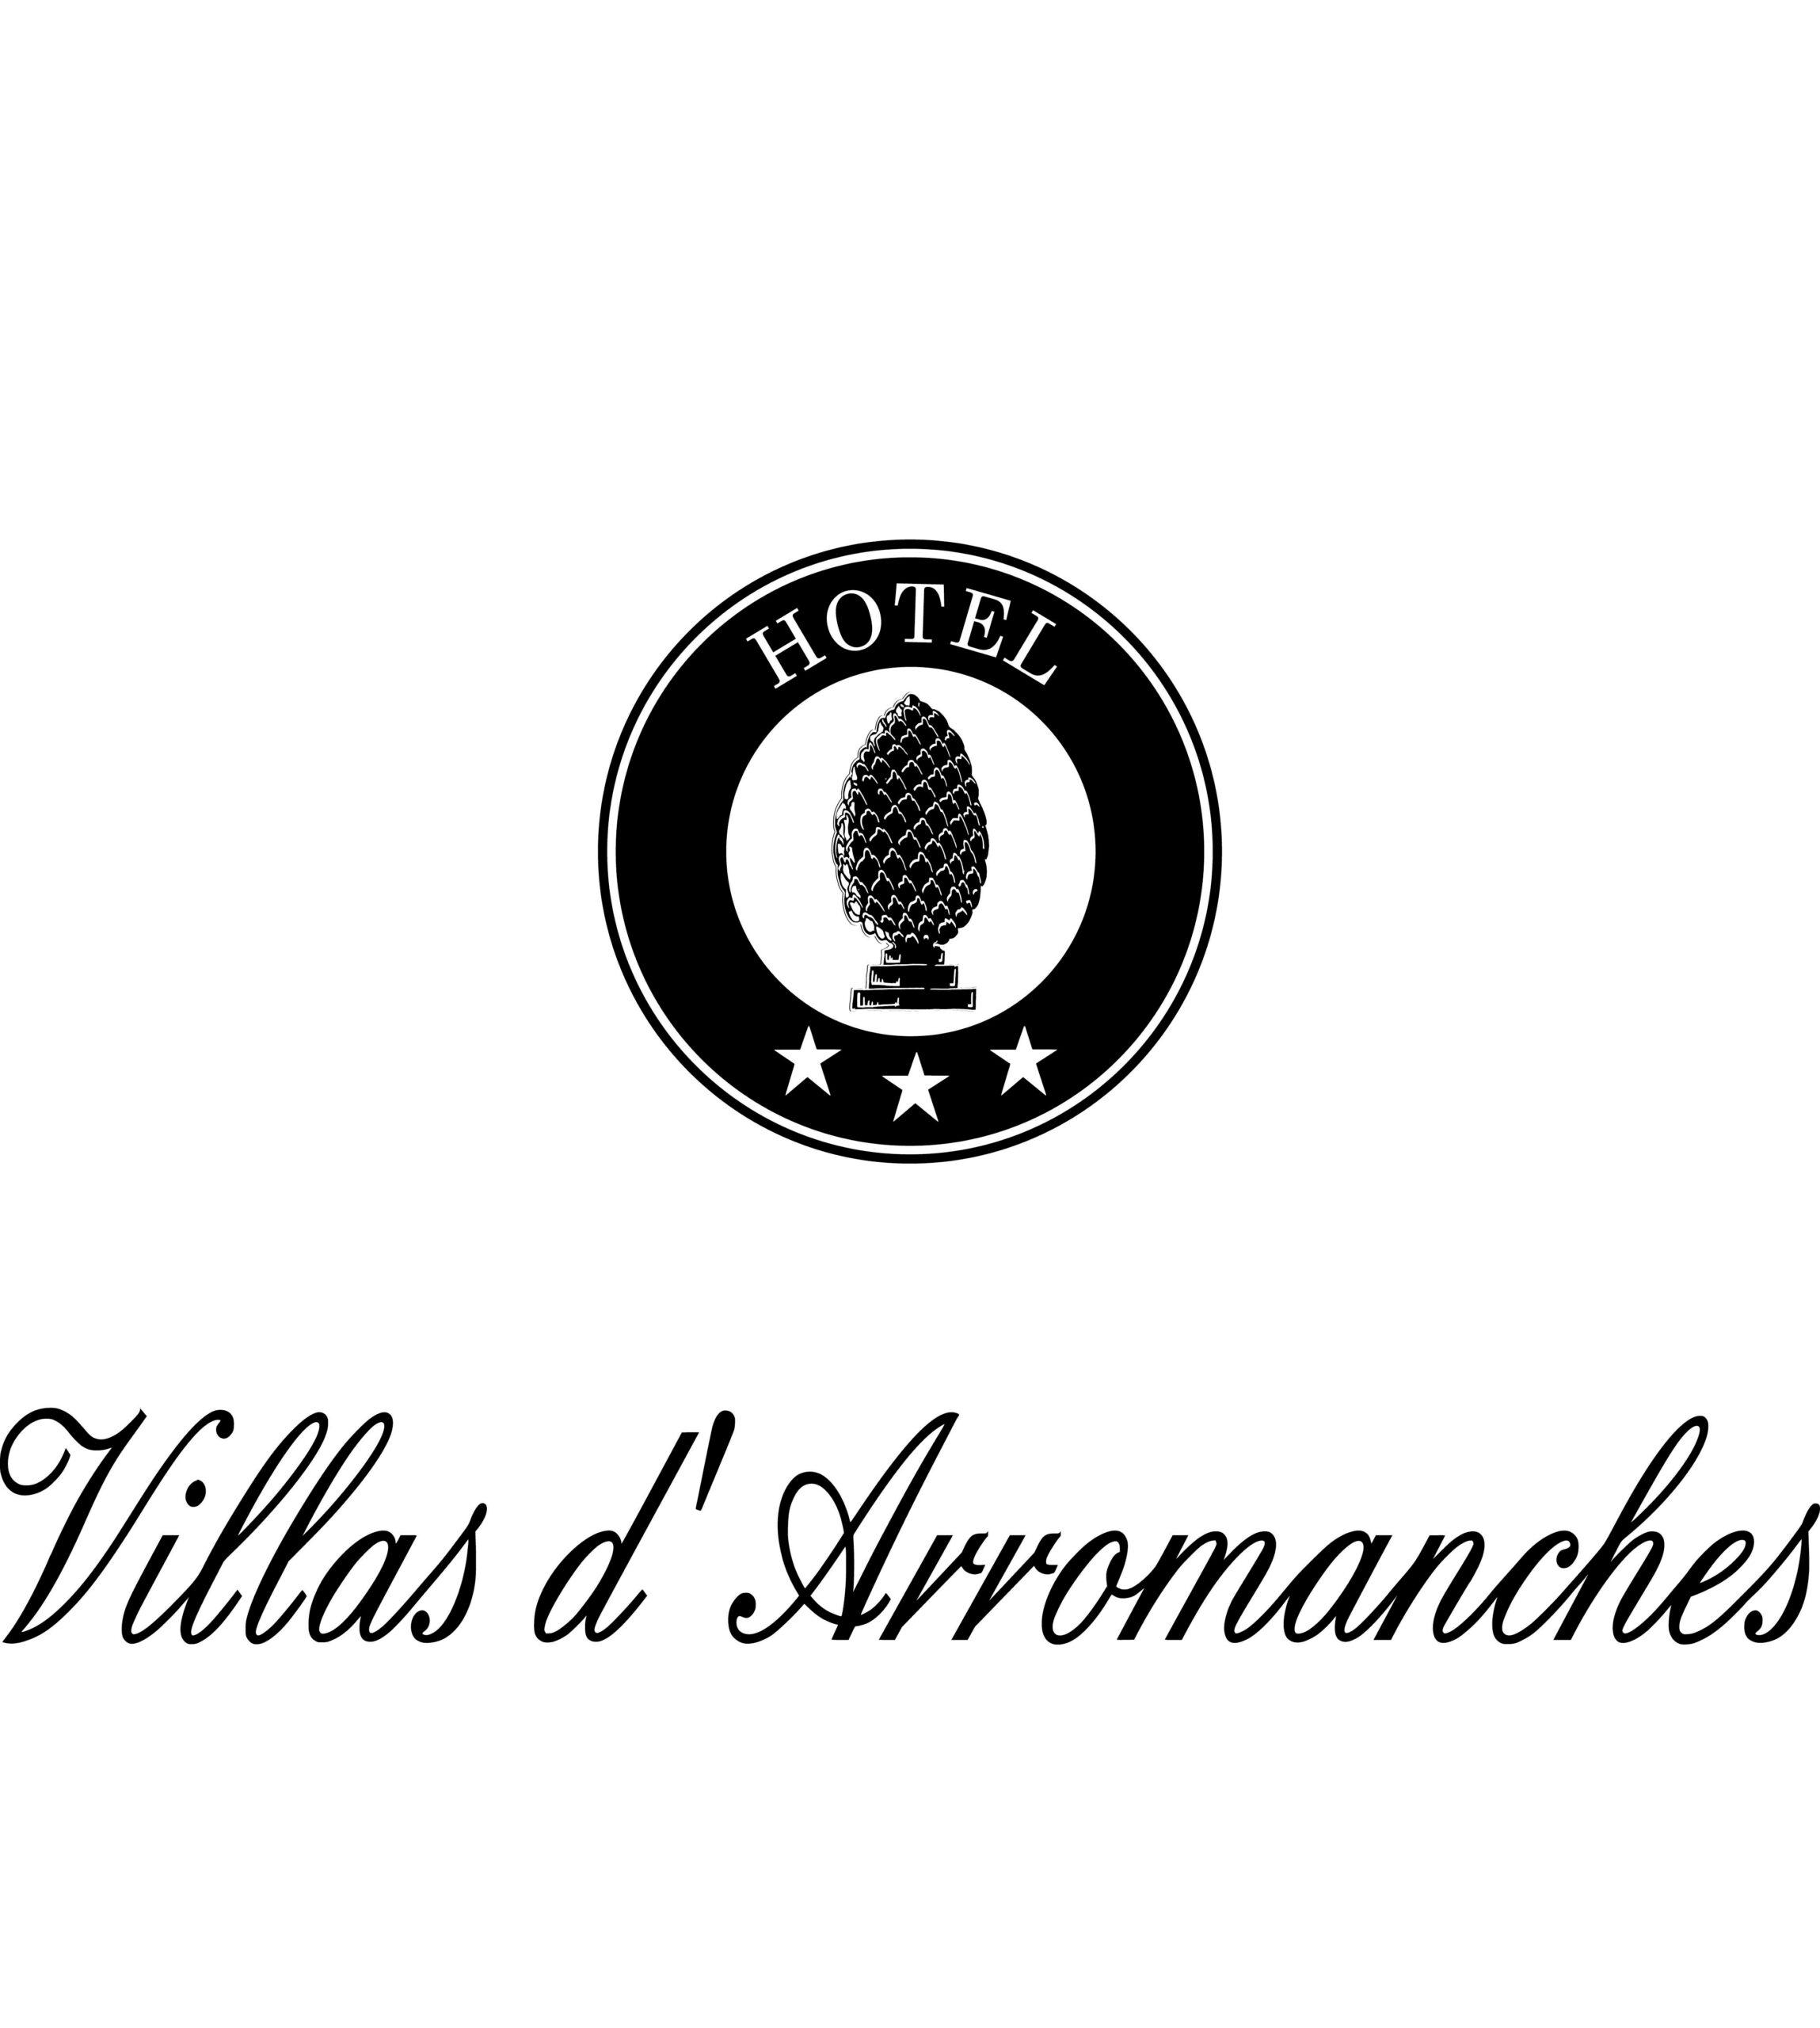 les Villas d'Arromanches